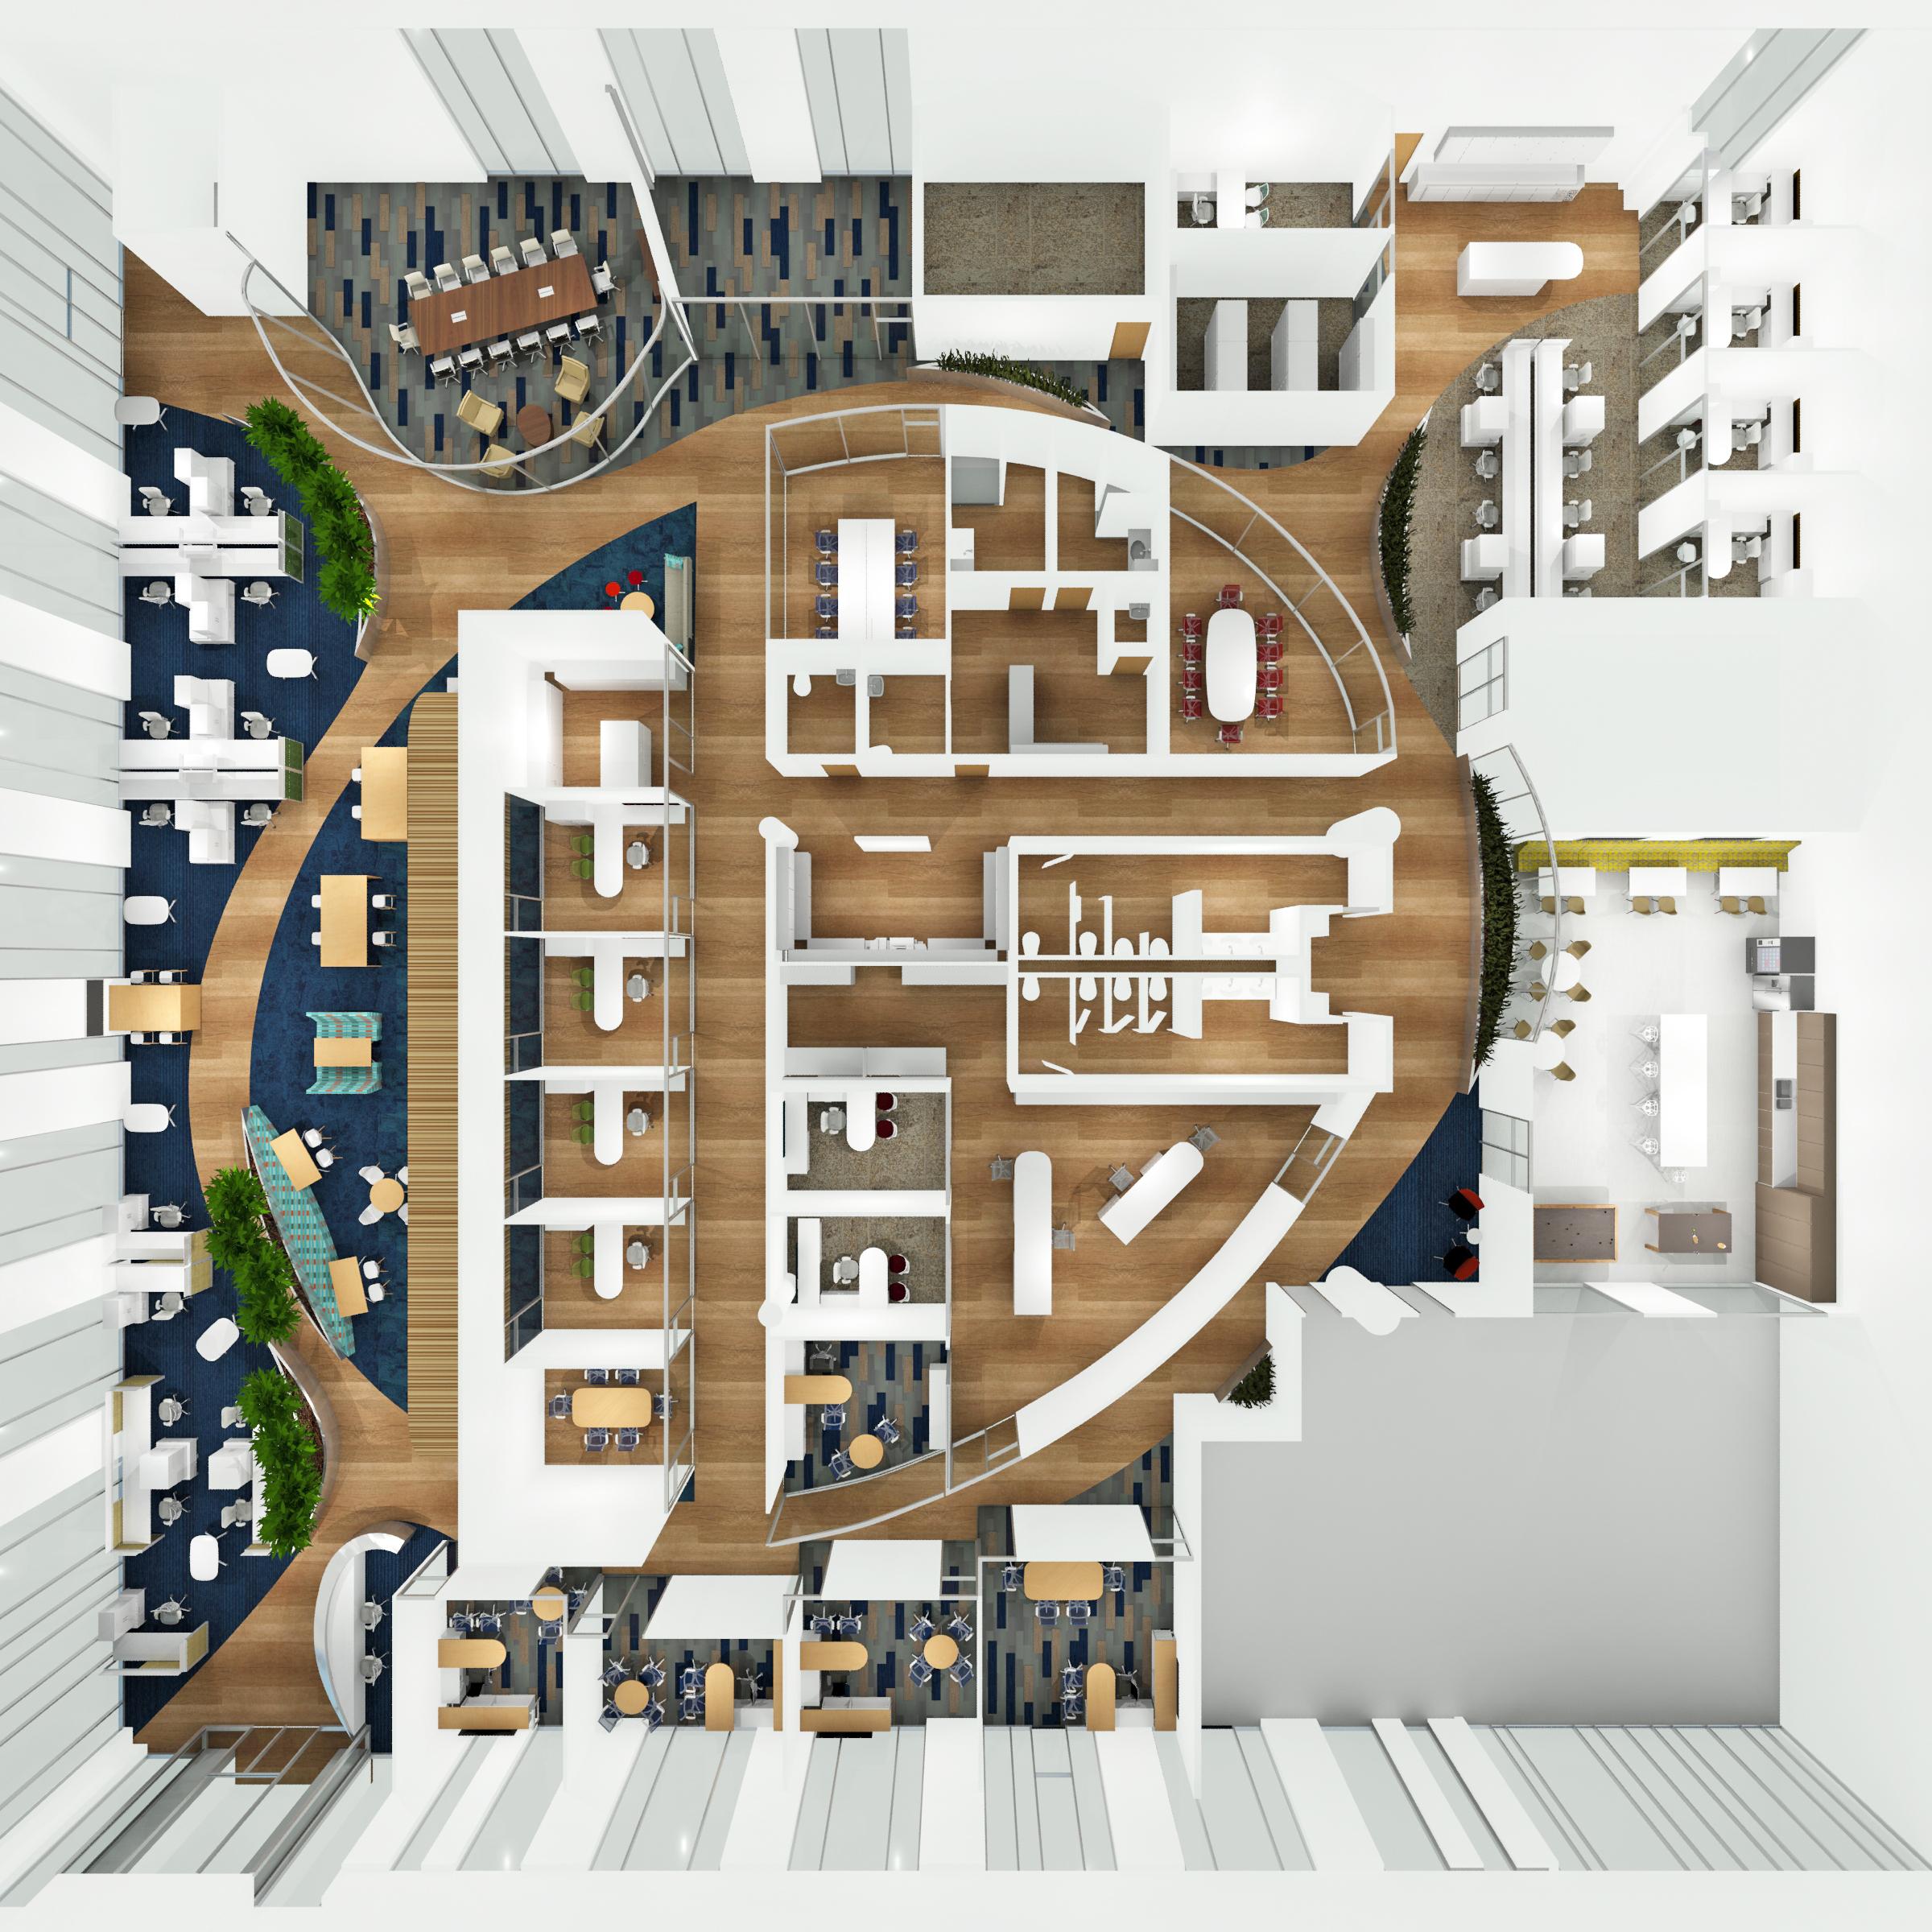 FINAL NORTHSTAR FLOOR PLAN_12.3.13.jpg